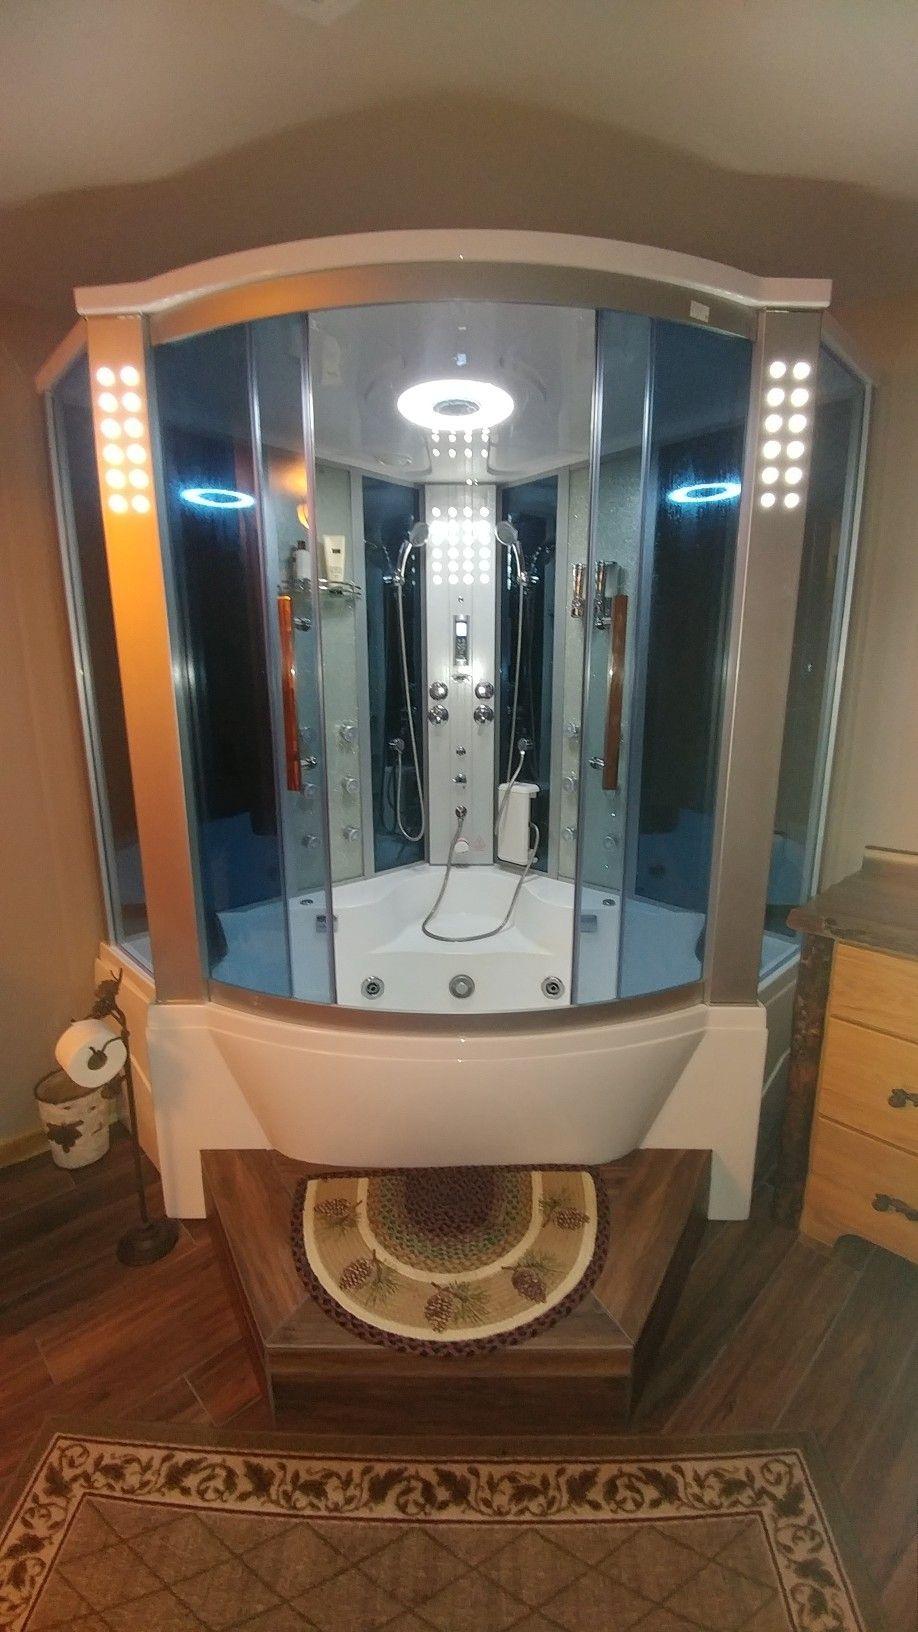 Ariel Ws 701 Steam Shower With Whirlpool Bathtub Our Master Bath